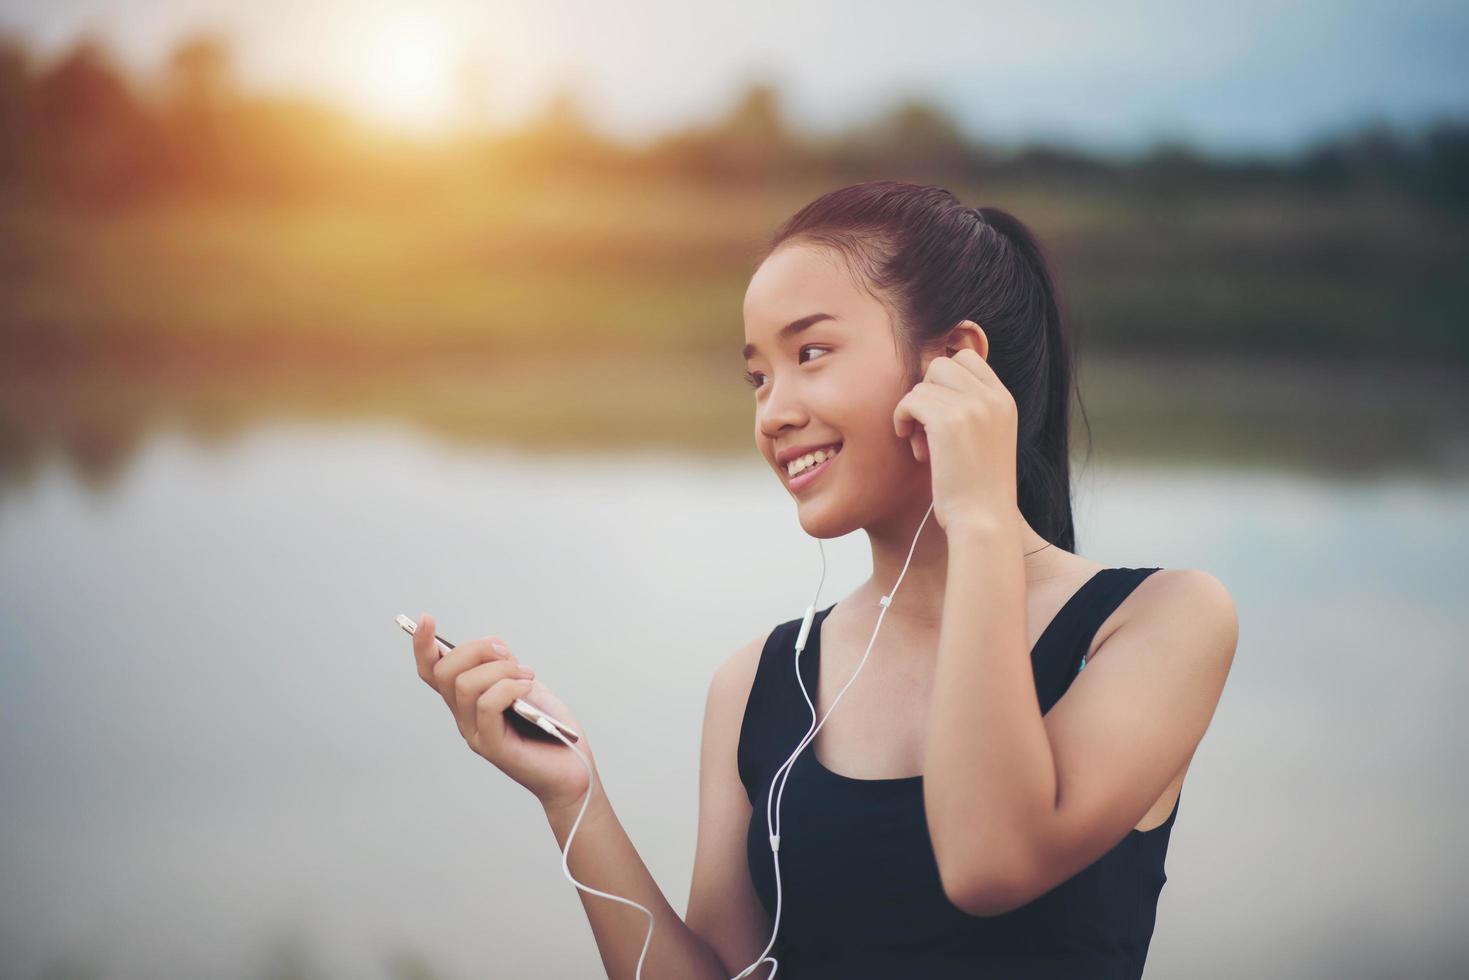 adolescente fitness con auricolari ascoltando musica durante il suo allenamento foto